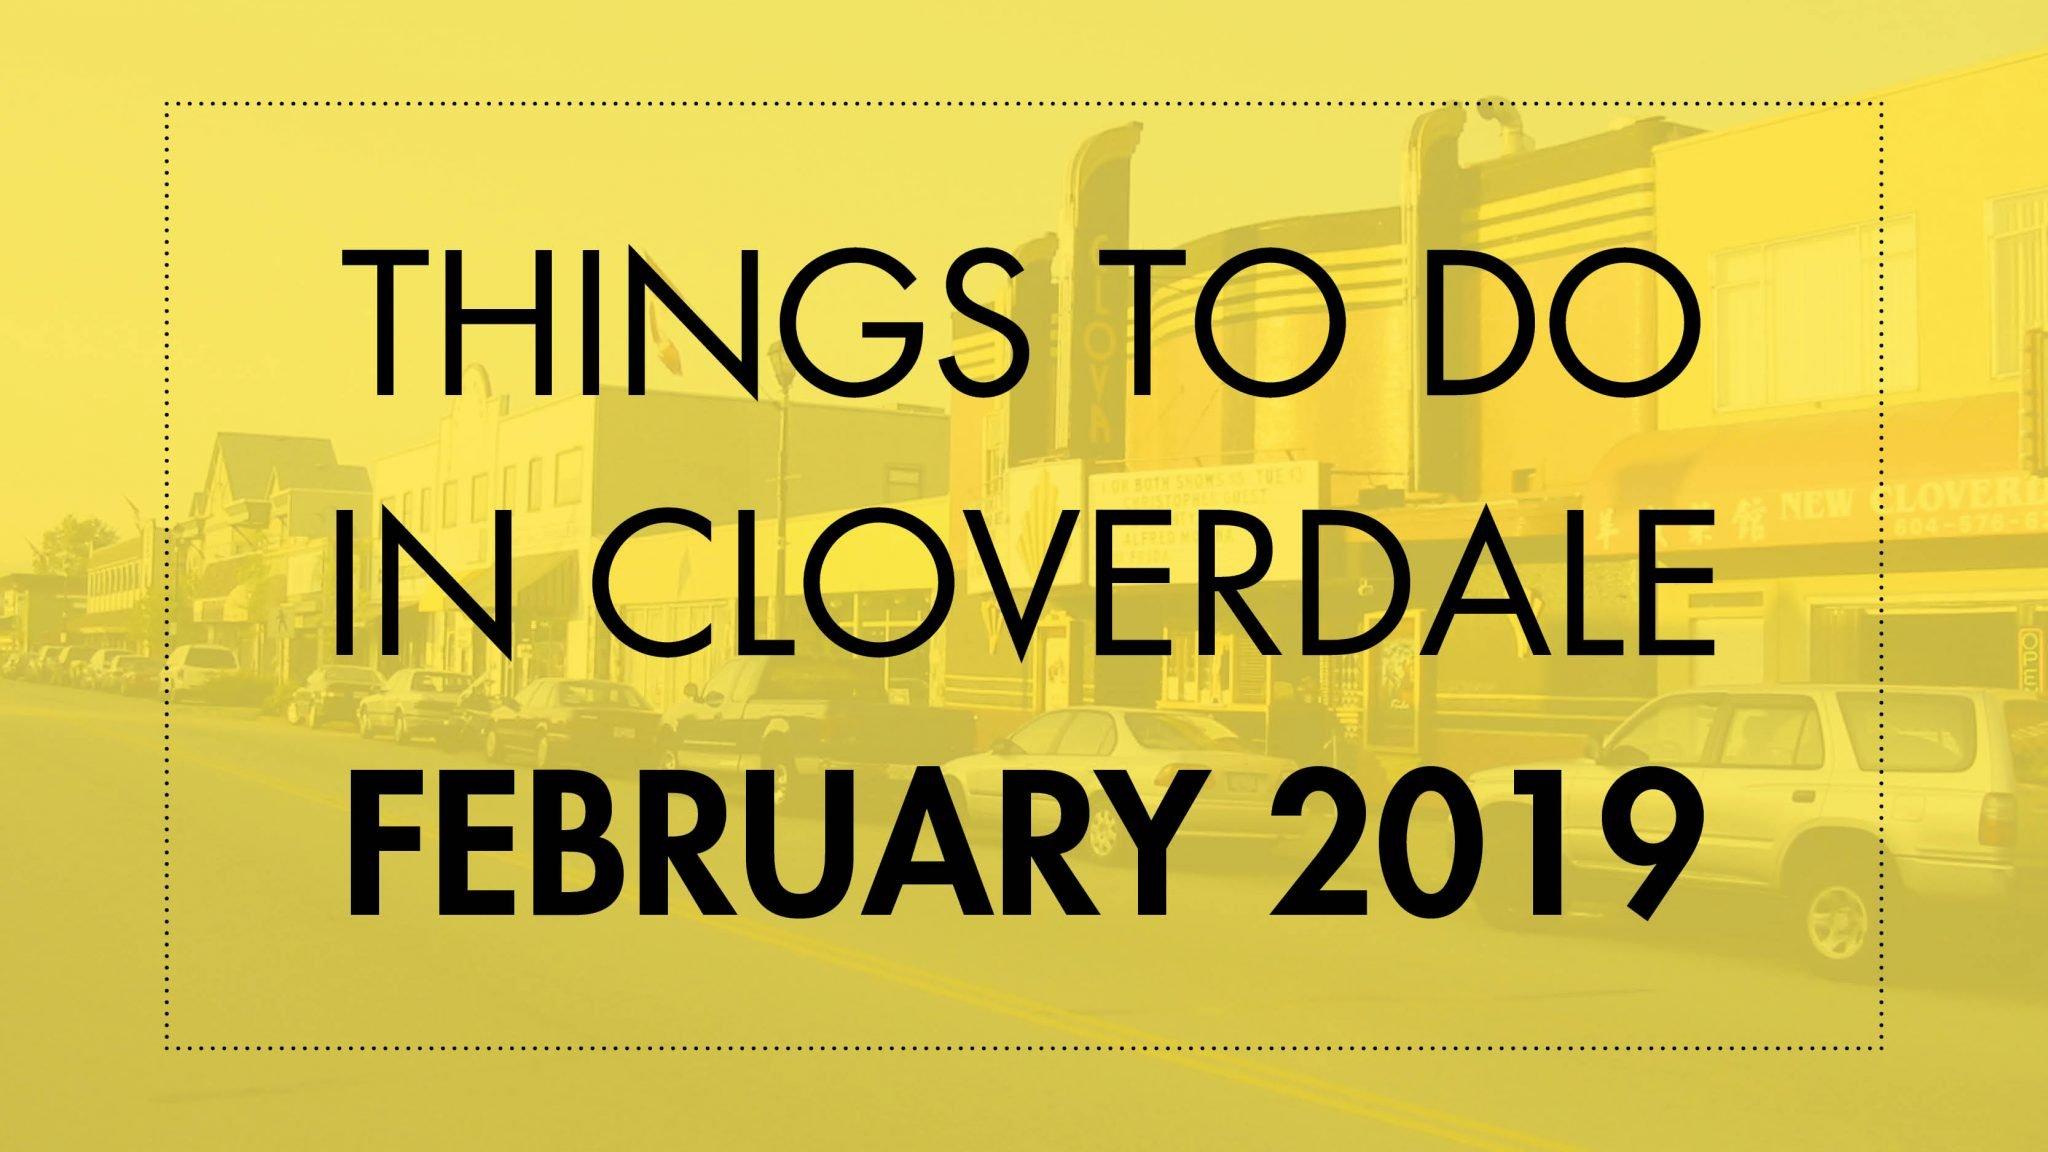 Cloverdale February 21